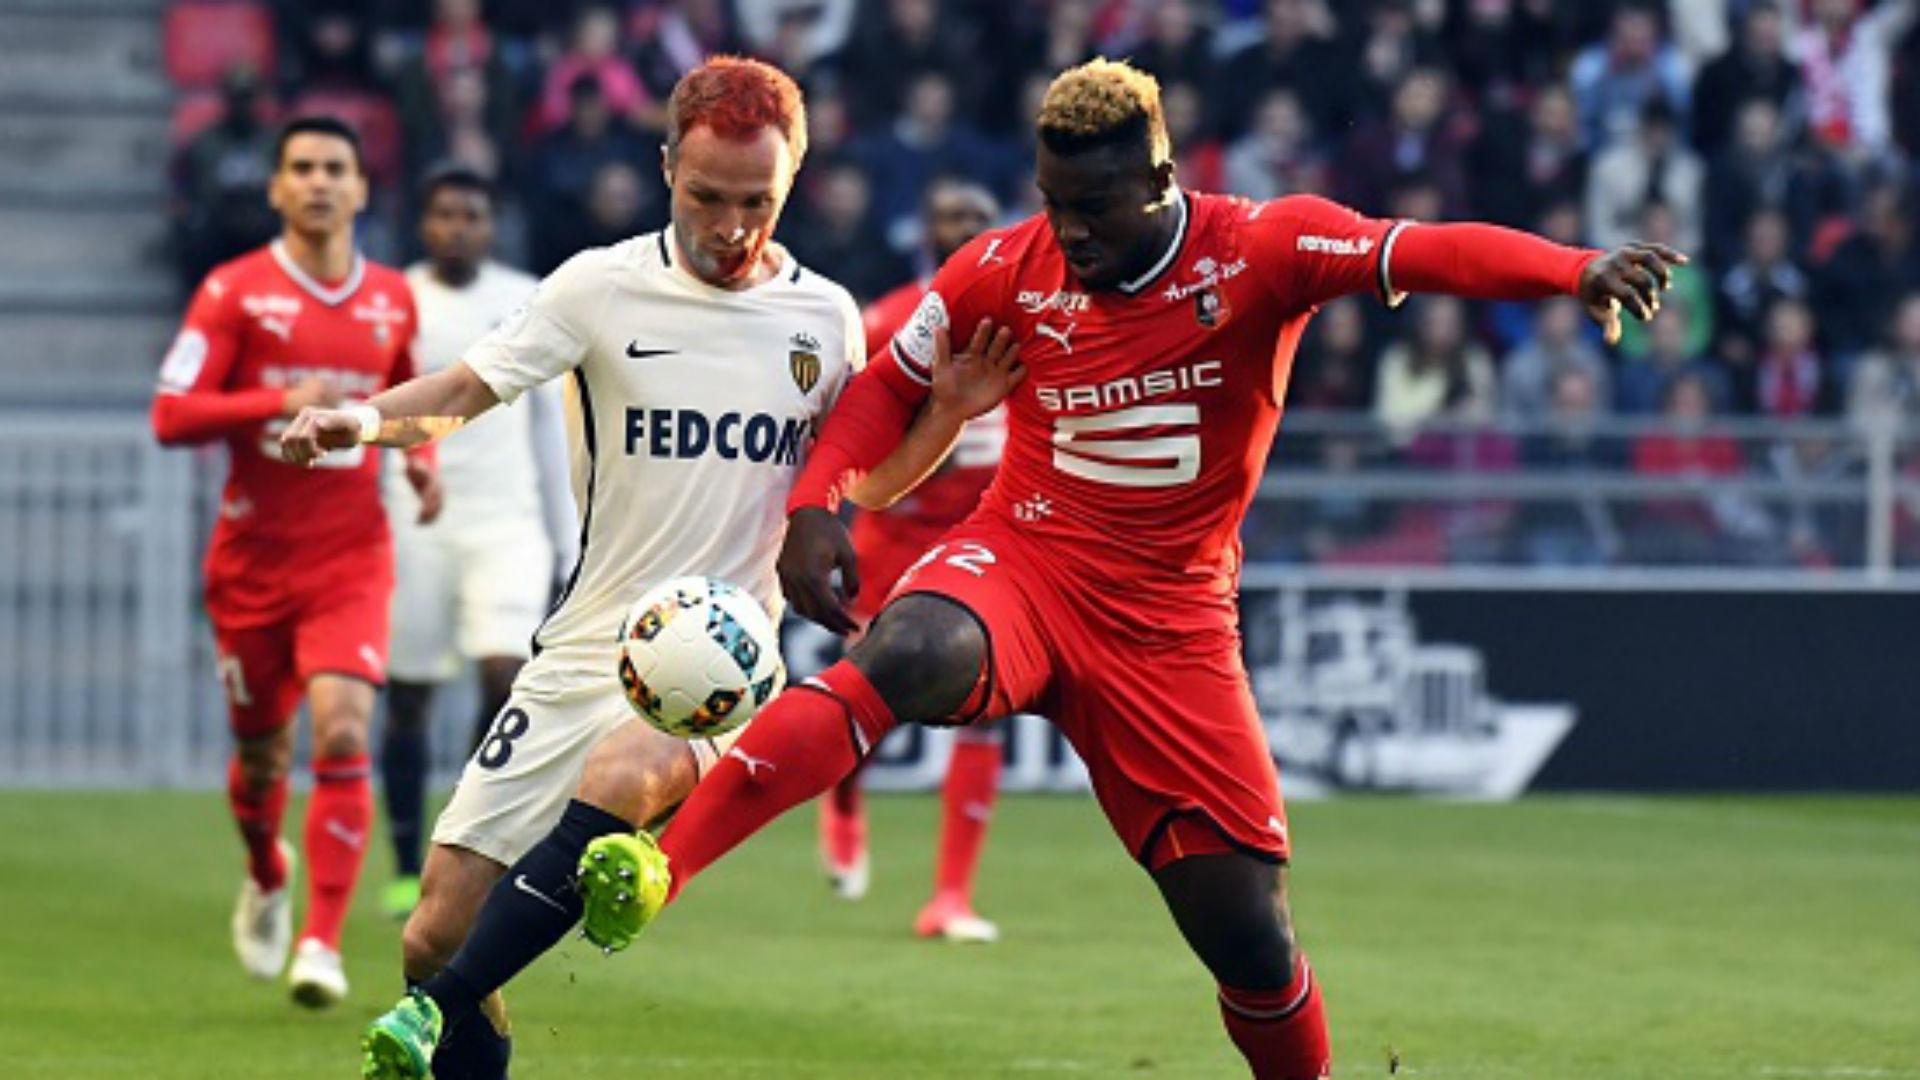 Joris Gnagnon Rennes Ligue 1